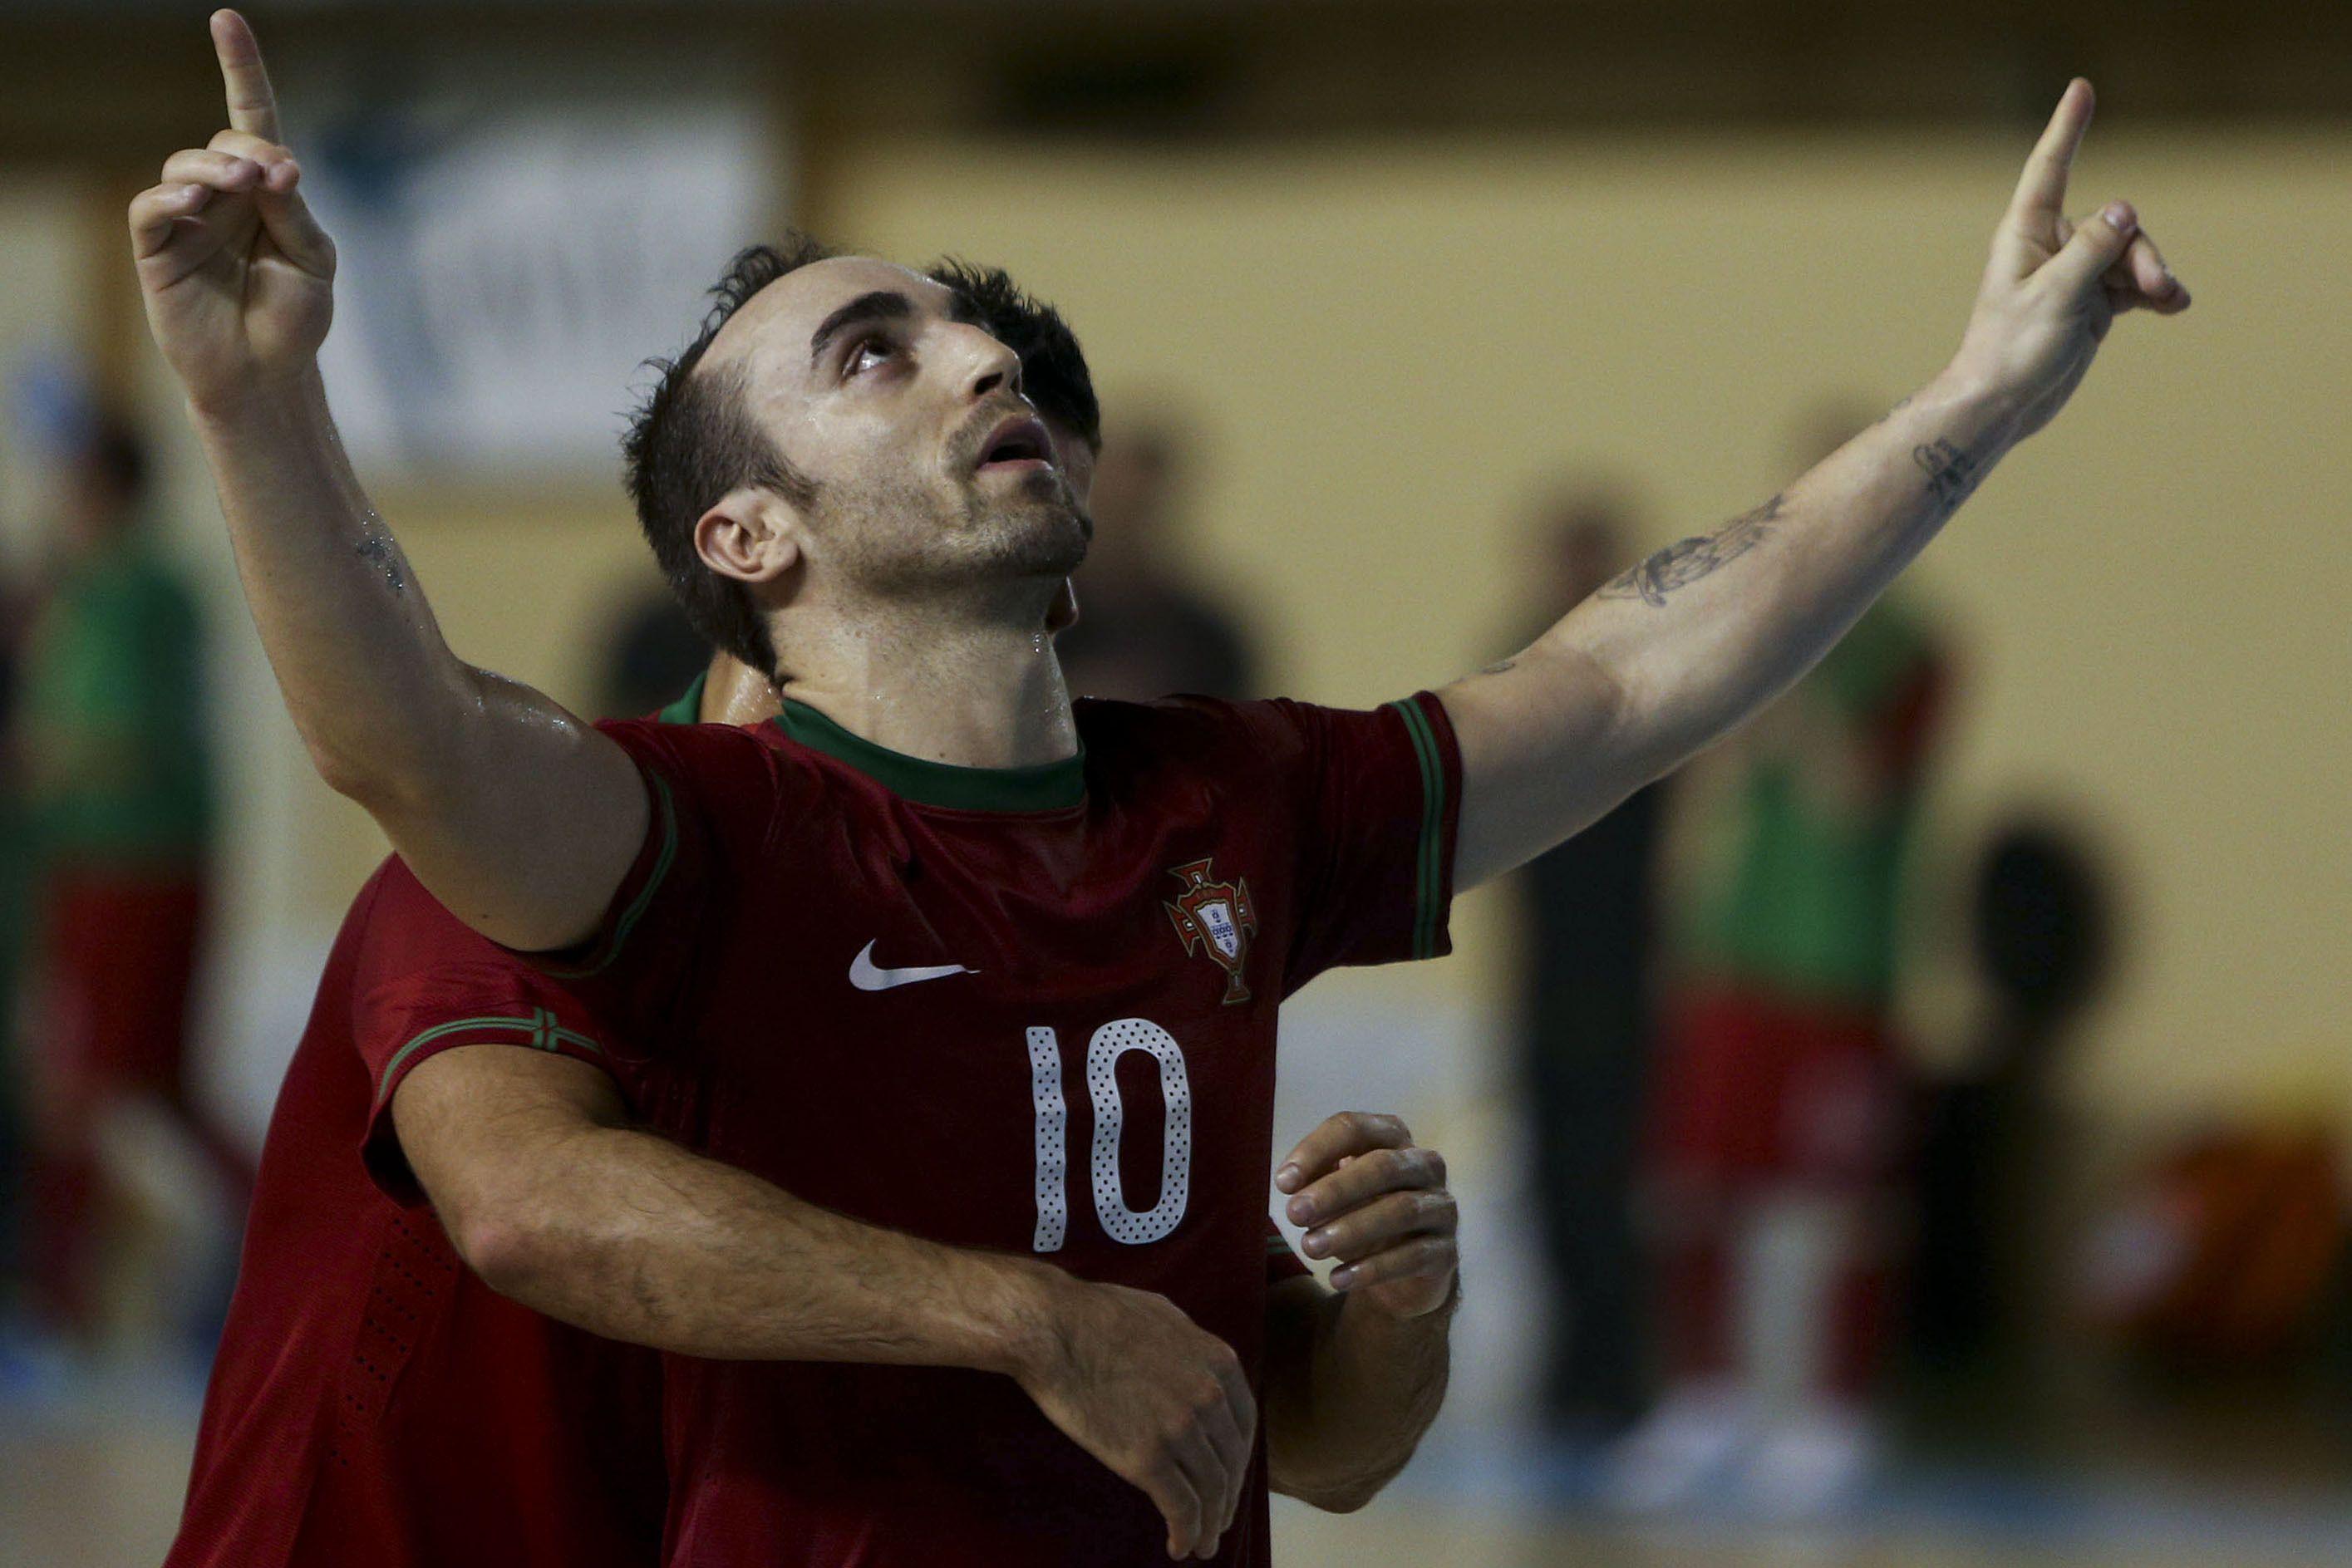 De otro planeta: un portugués hizo el mejor gol del campeonato europeo de futsal